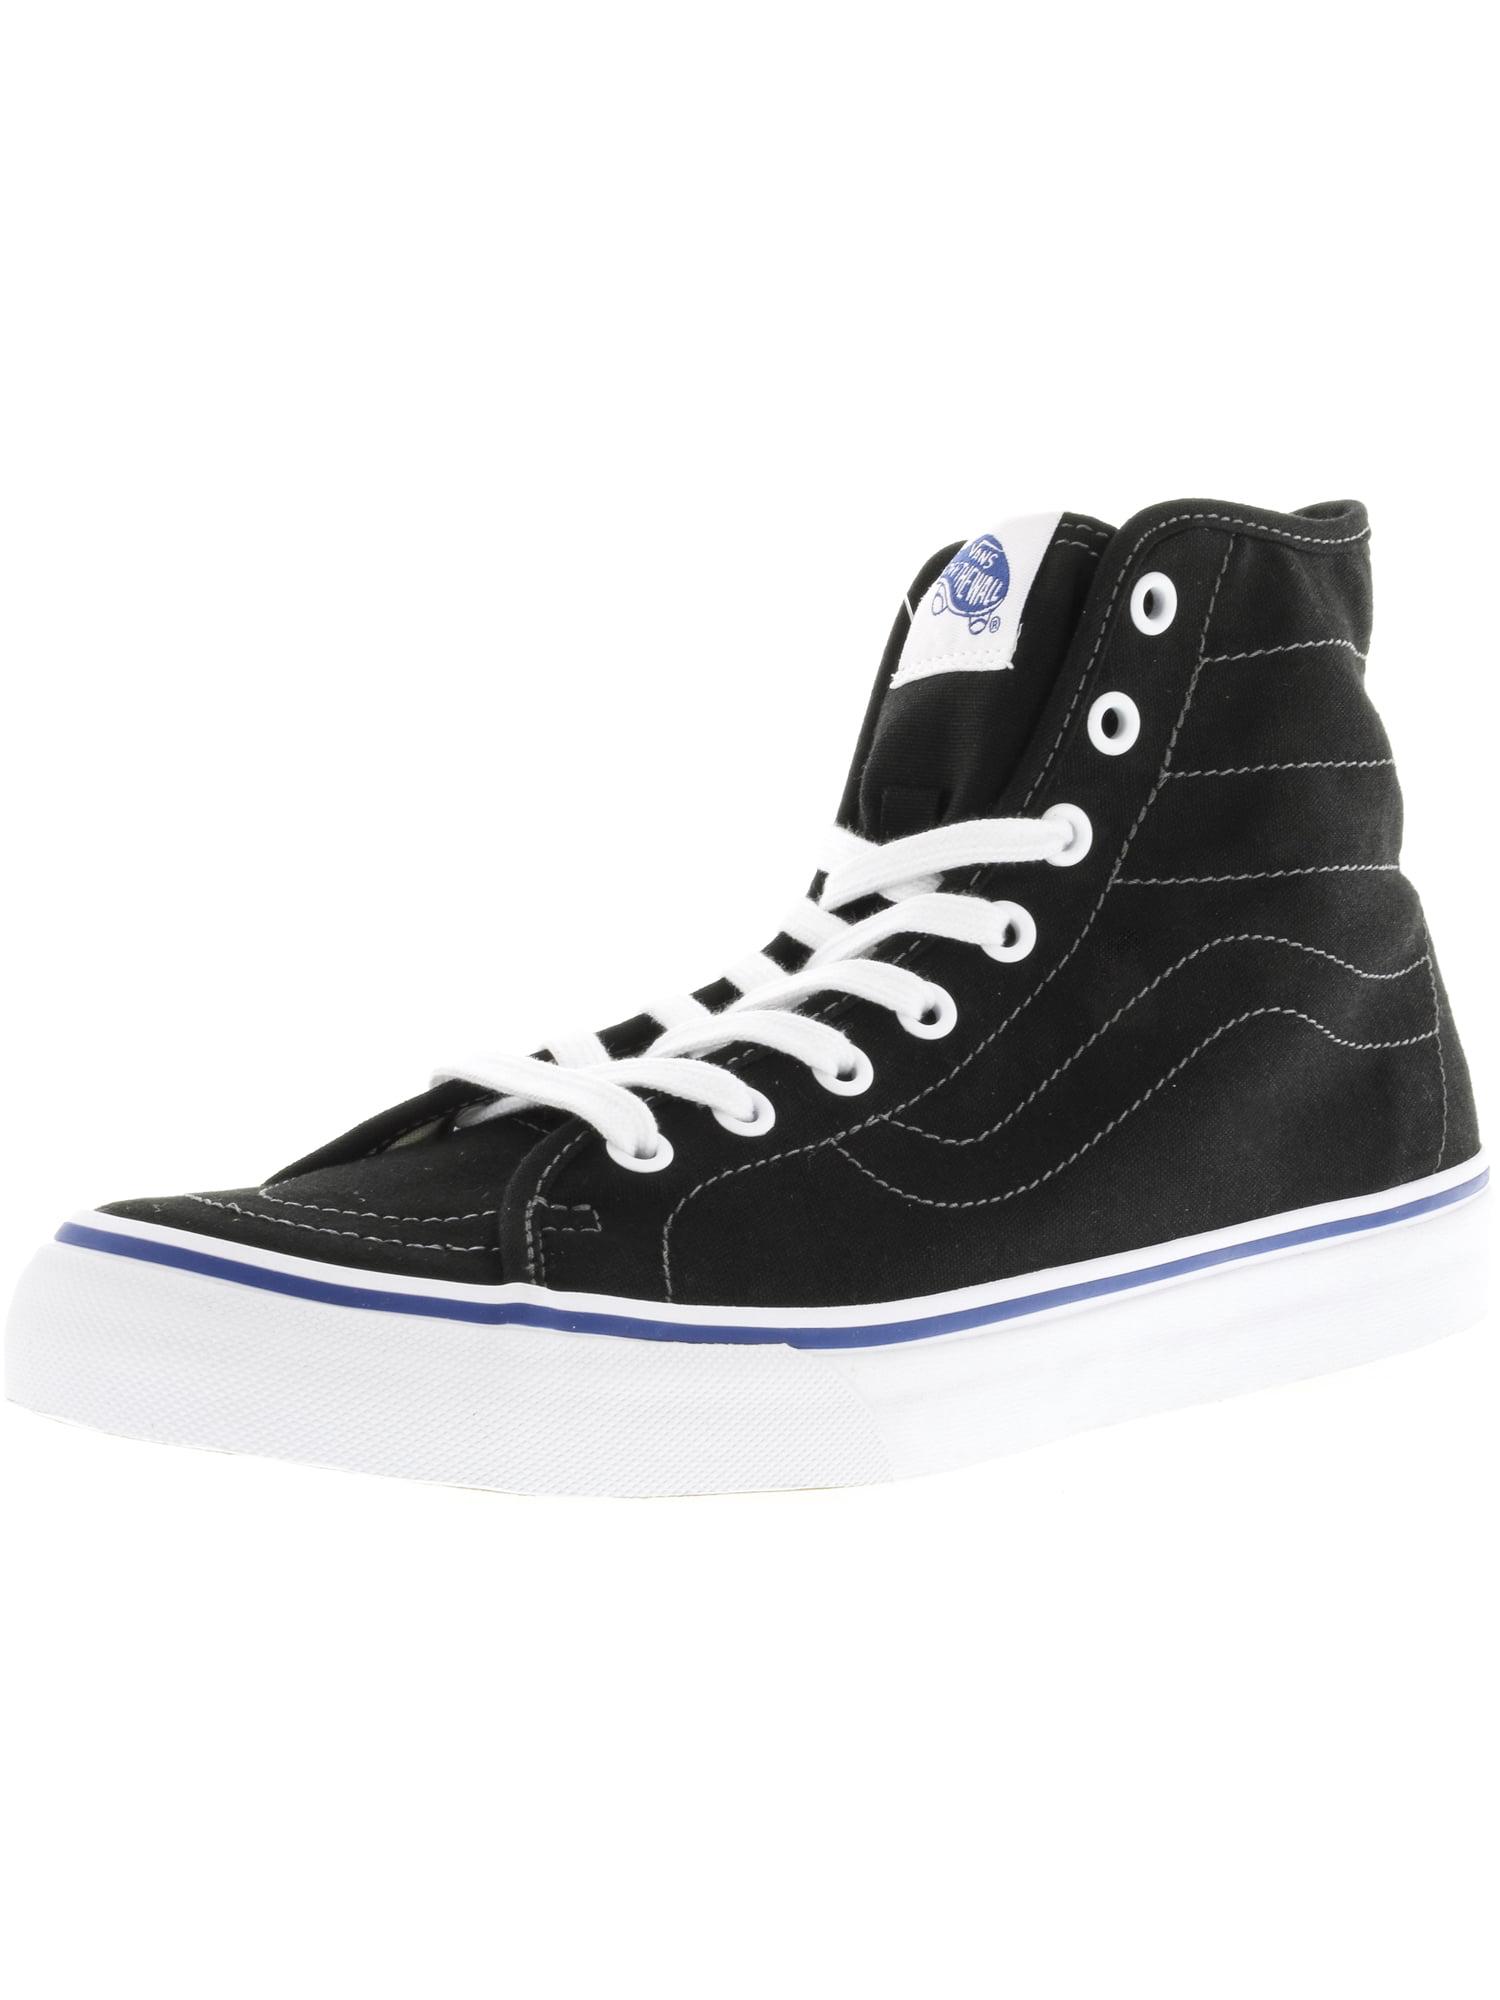 d700f33684 Vans Sk8-Hi Decon Canvas Black   True White Ankle-High Fashion ...